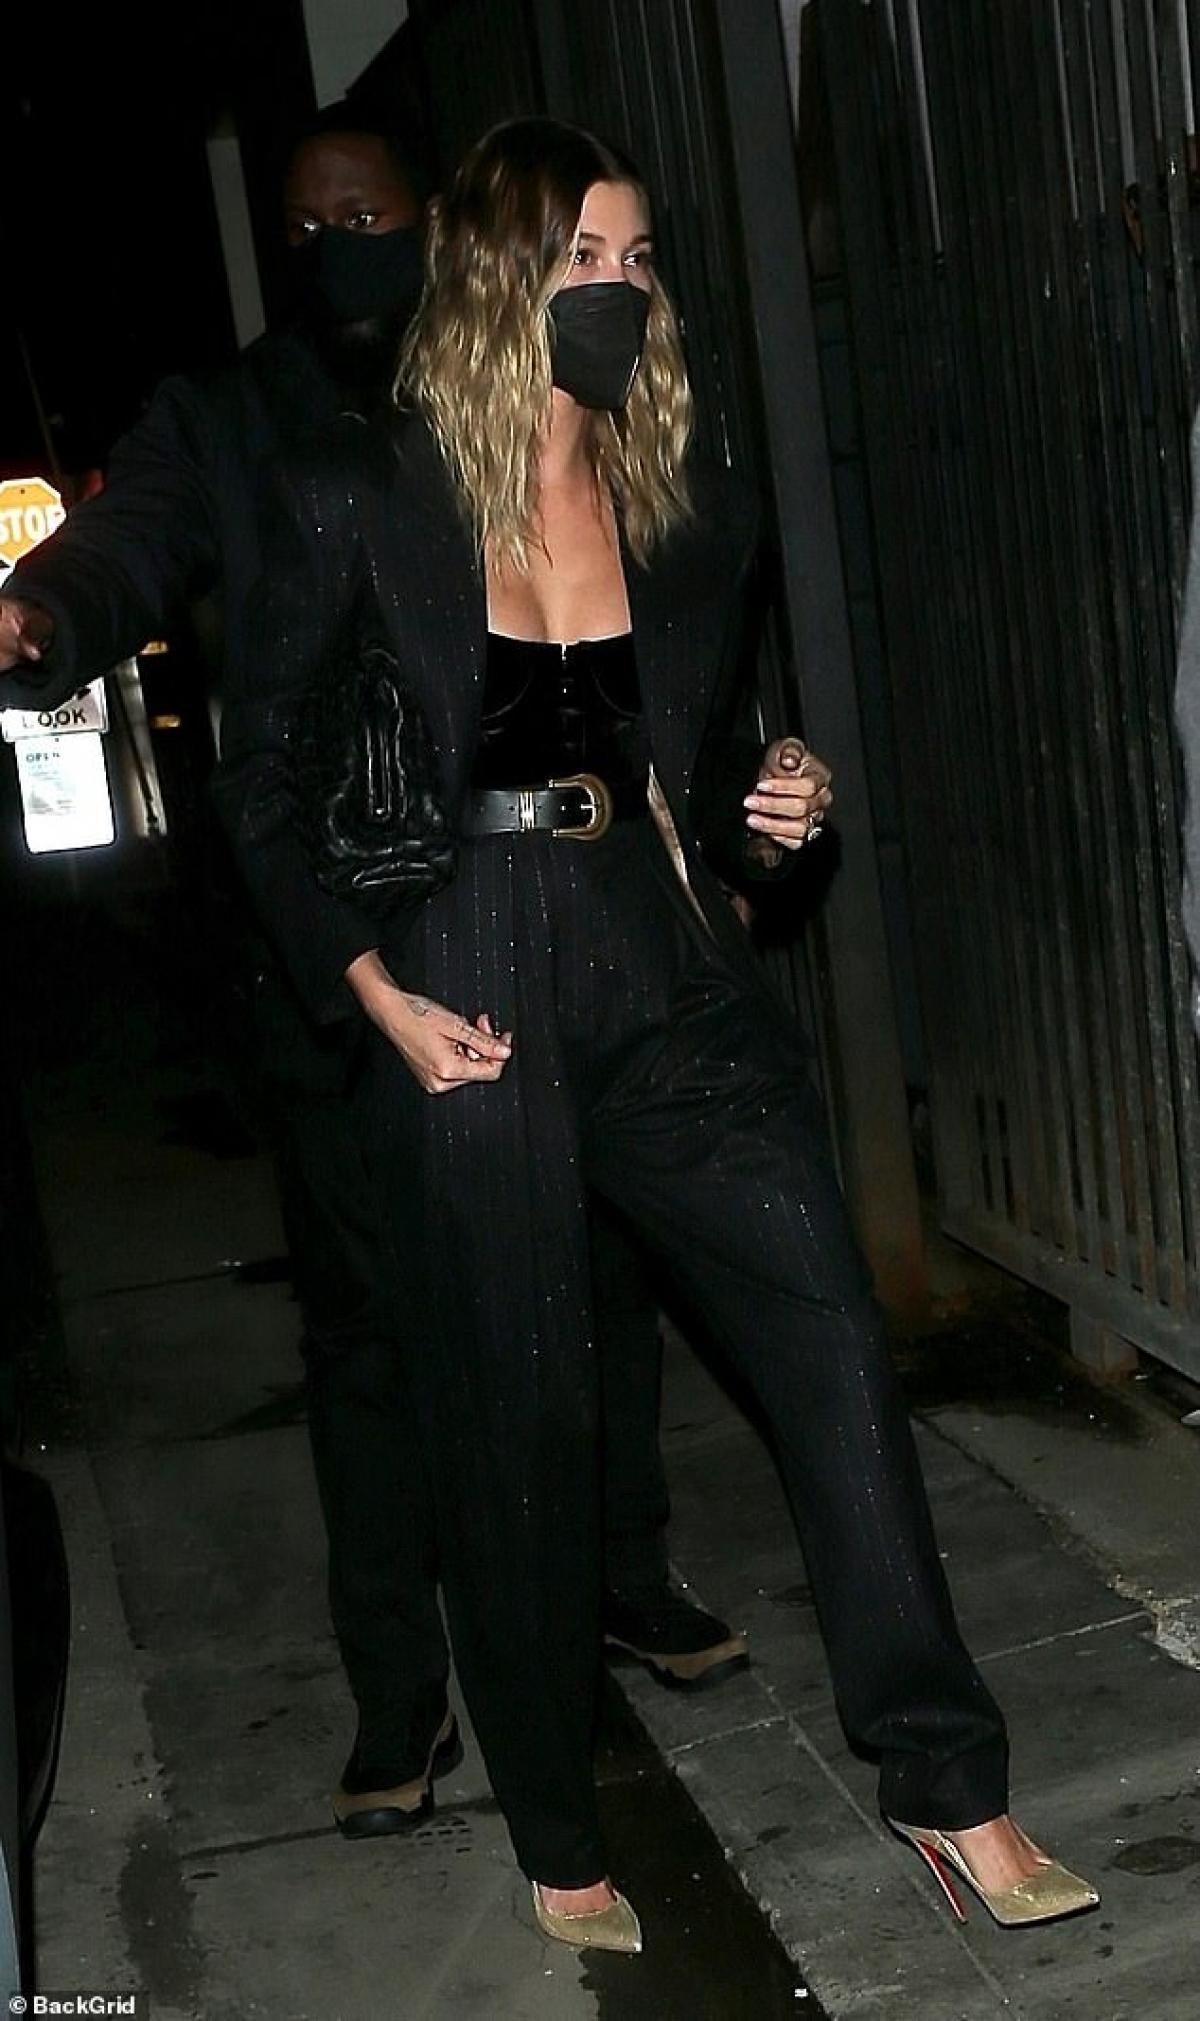 Bà xã Justin Bieber vẫn đeo khẩu trang cẩn thận để bảo vệ mình và cộng đồng trong thời điểm dịch bệnh.